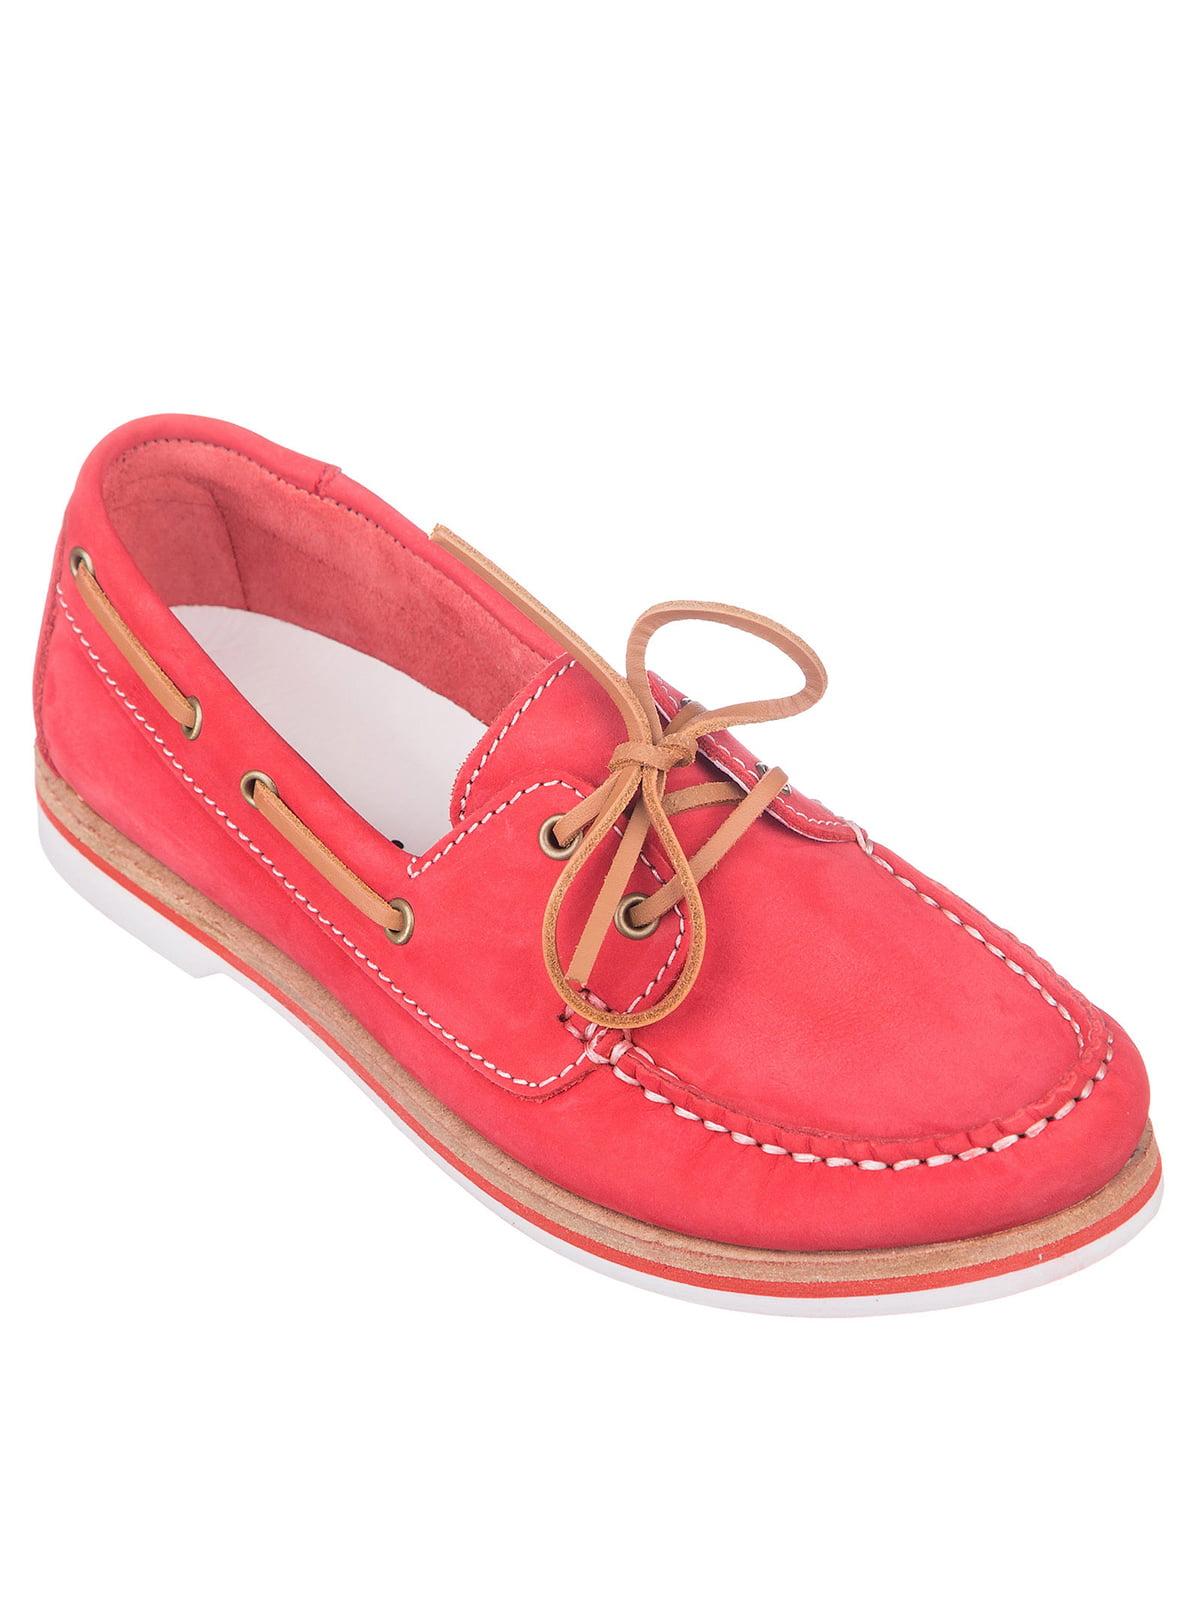 Топ-сайдери червоні | 4153548